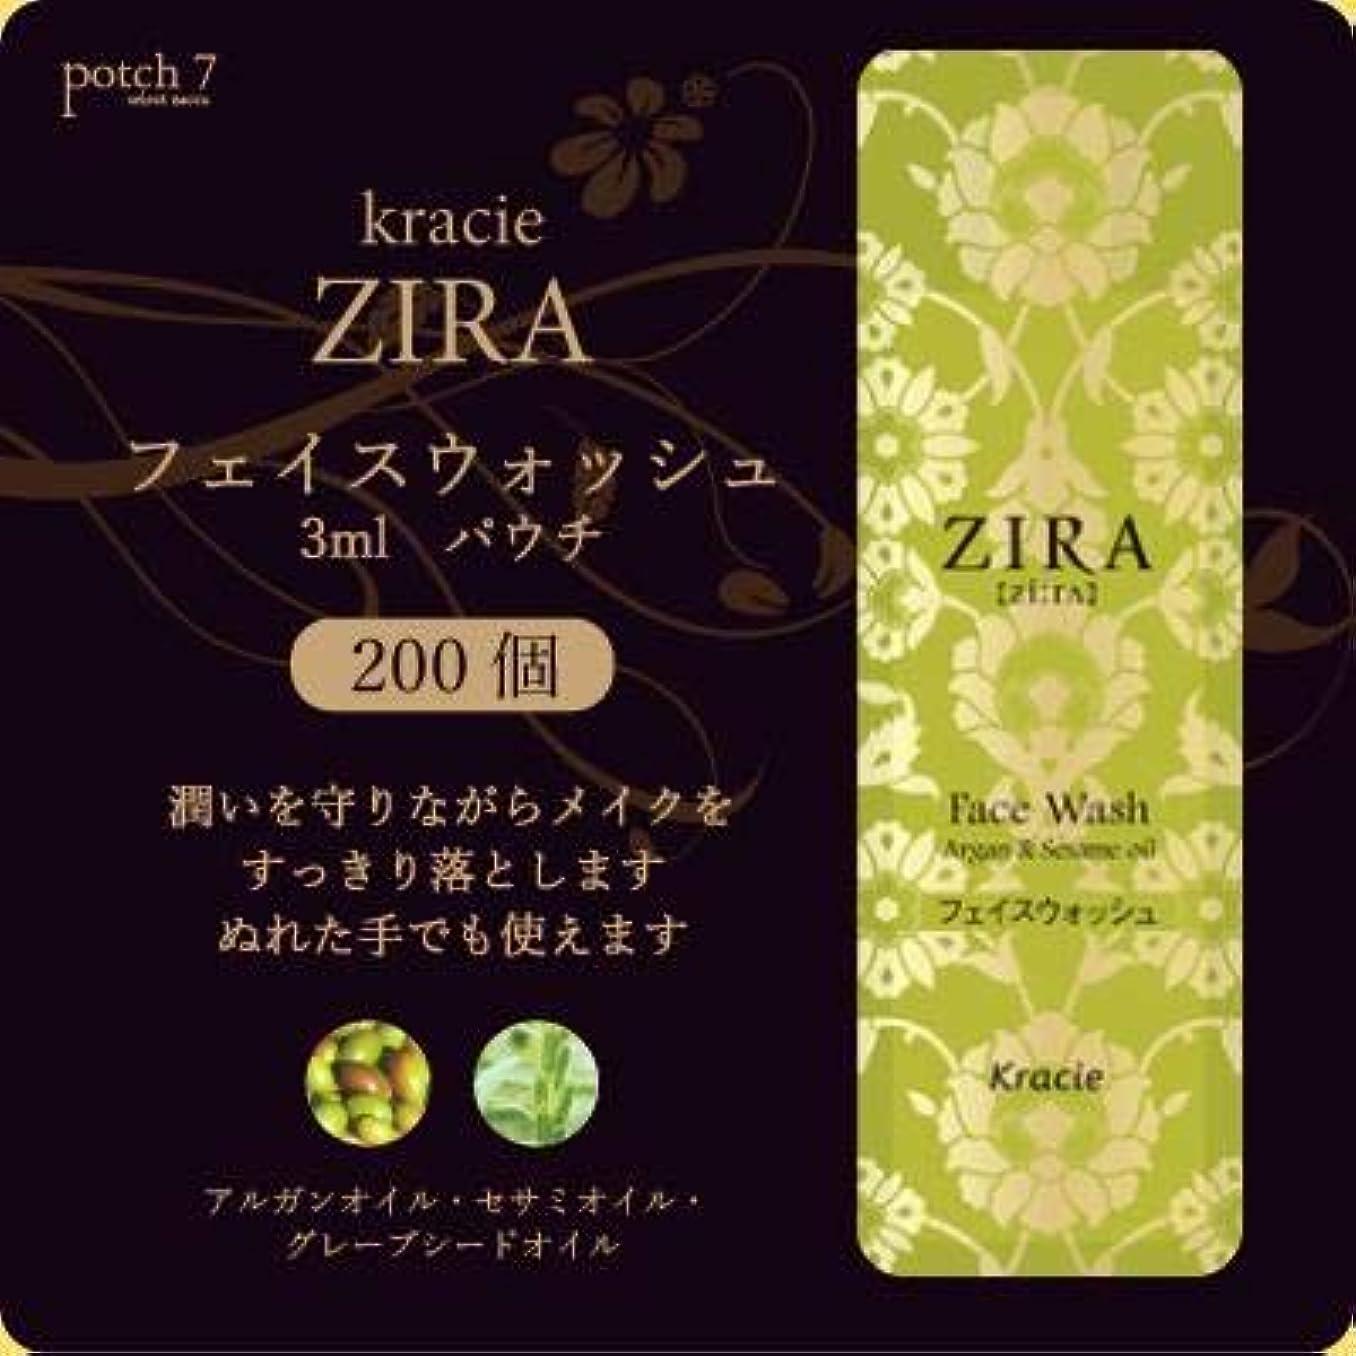 グラディス議題オーナメントKracie クラシエ ZIRA ジーラ フェイスウオッシュ 洗顔 パウチ 3ml 200個入